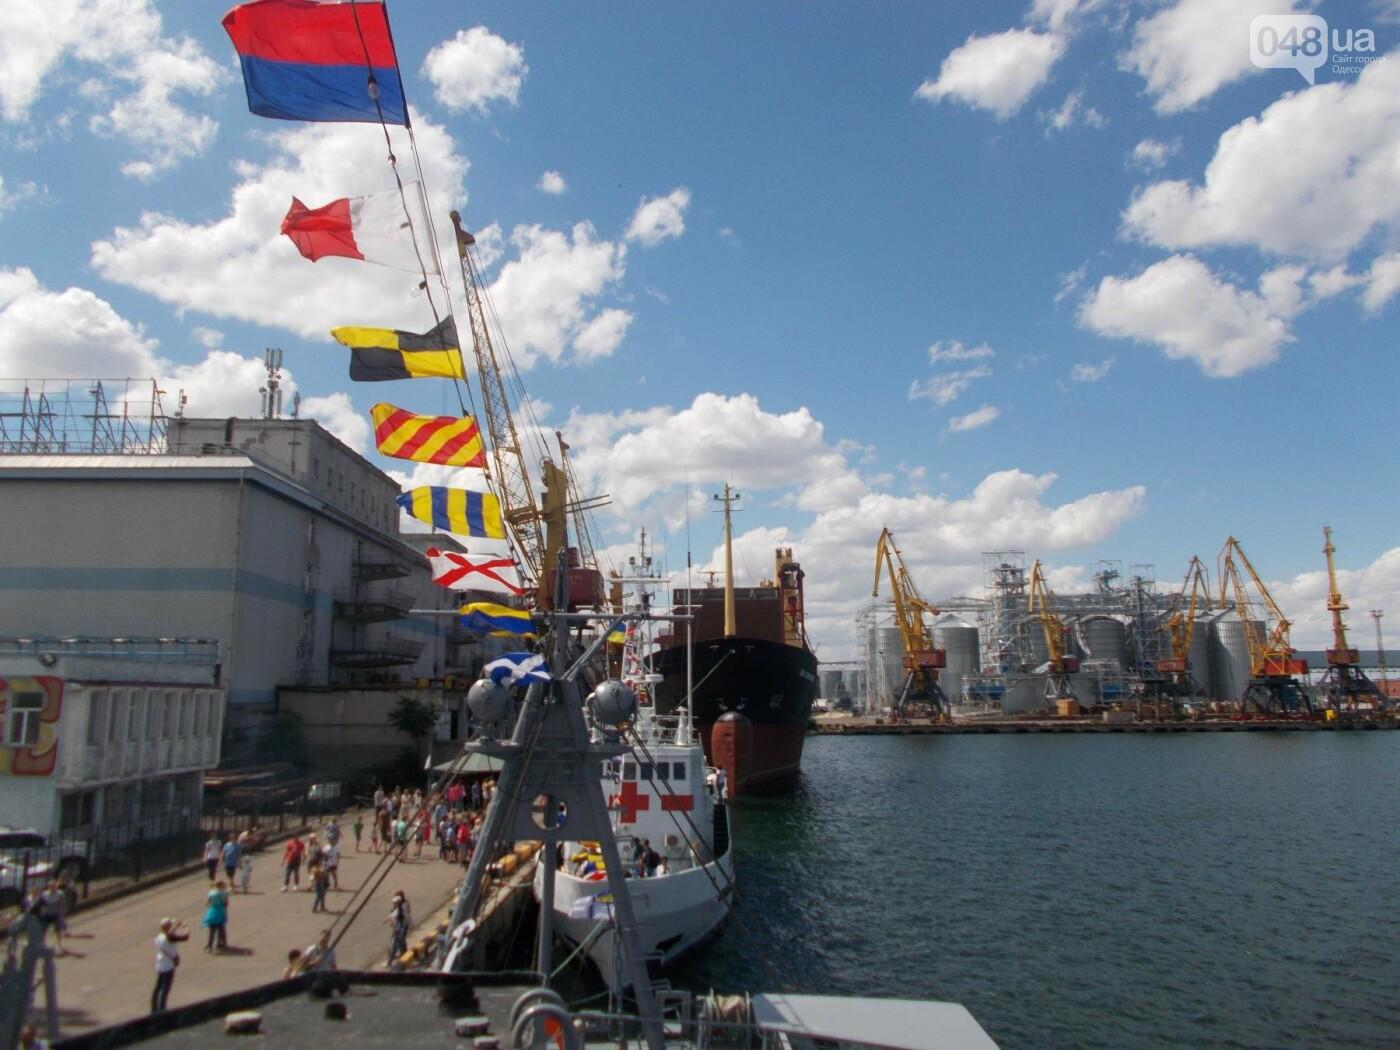 День Военно-морских сил Украины отпраздновали на Одесском морвокзале, - ФОТО , фото-21